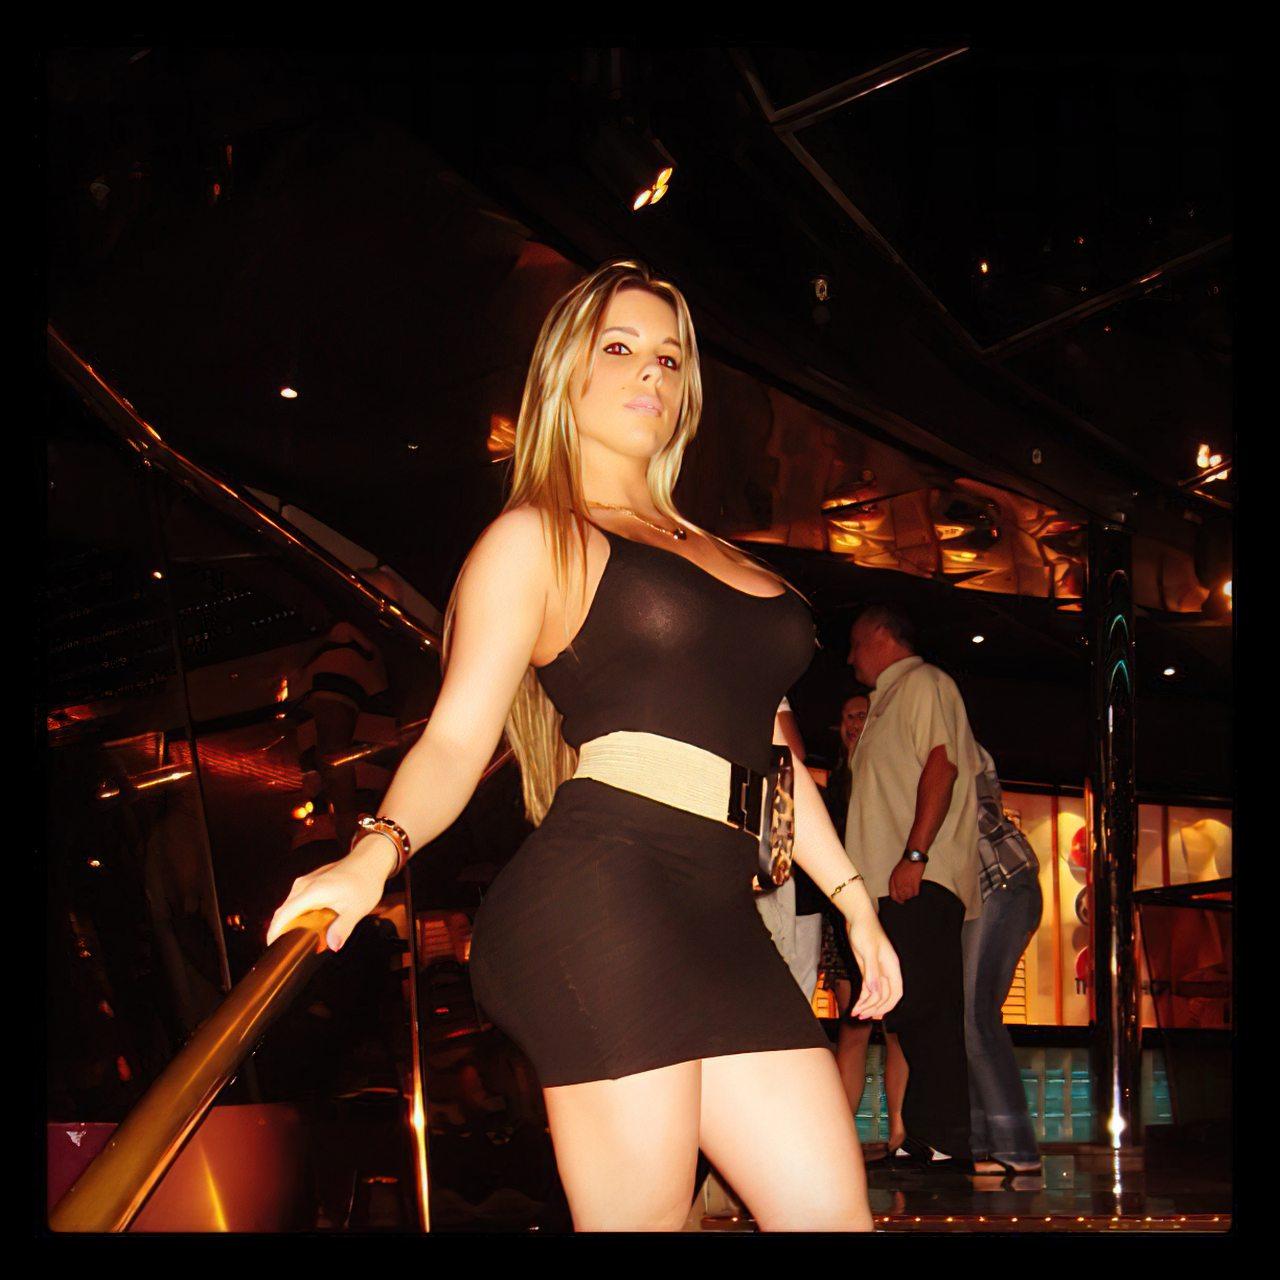 Kathy Ferreiro (24)